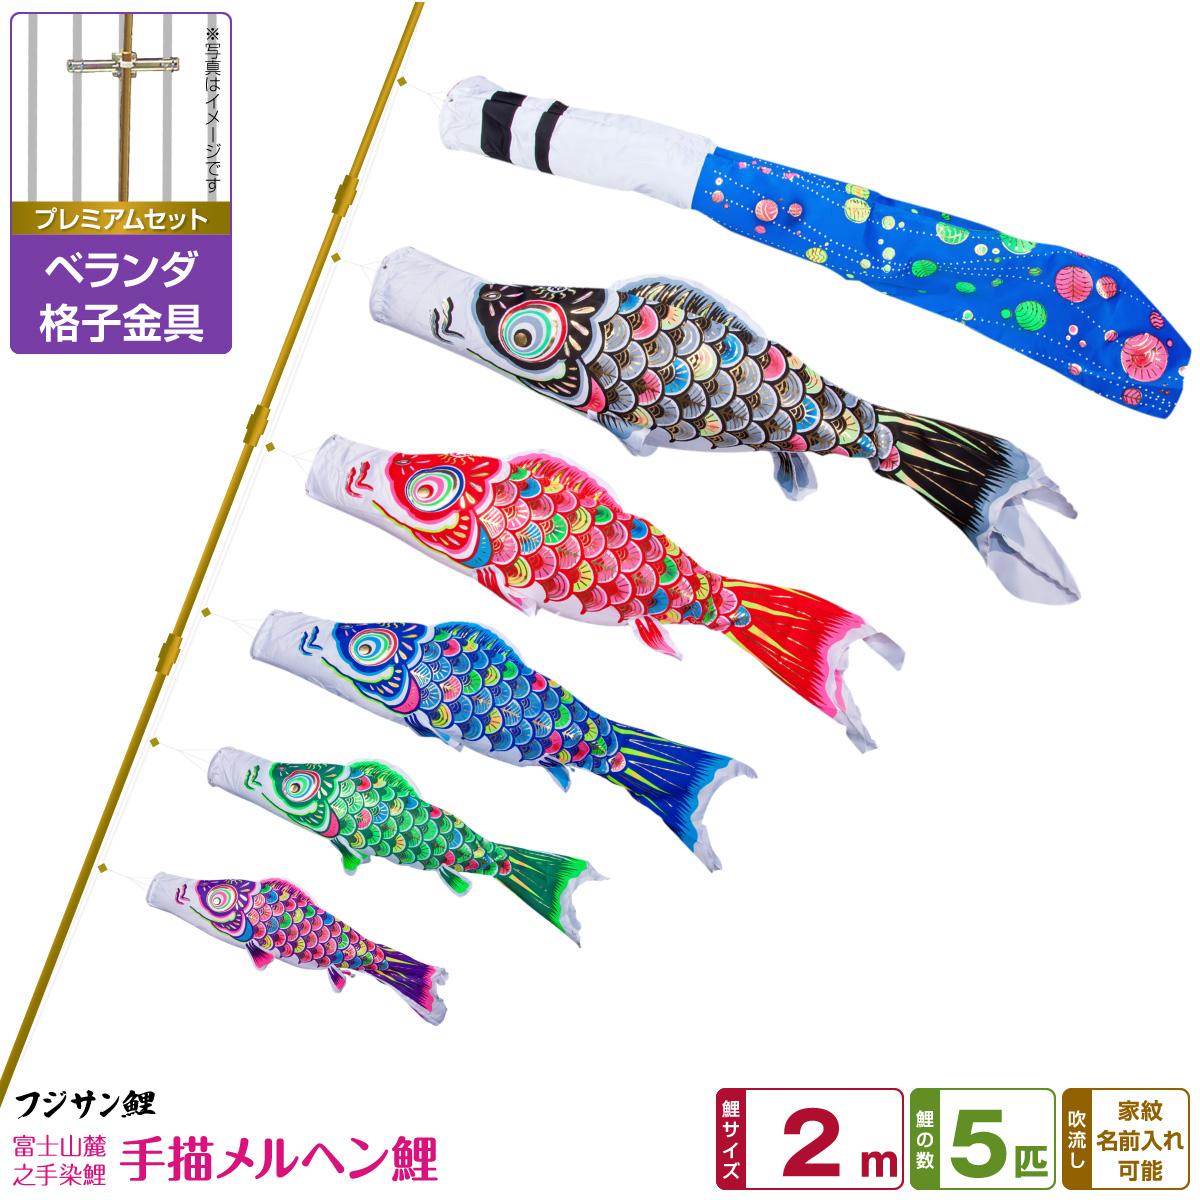 ベランダ用 こいのぼり 鯉のぼり フジサン鯉 手描メルヘン鯉 2m 8点(吹流し+鯉5匹+矢車+ロープ)/プレミアムセット(格子金具)